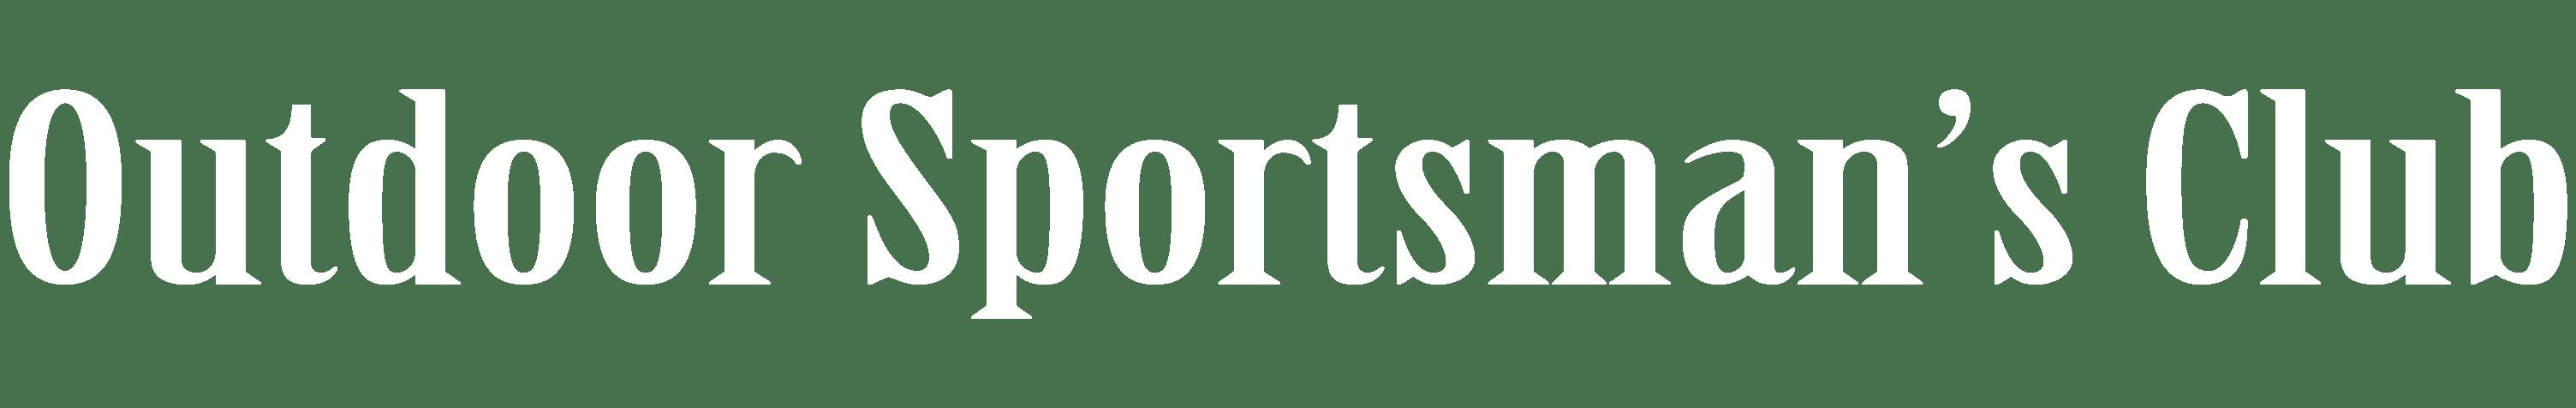 Outdoor Sportsmen's Club